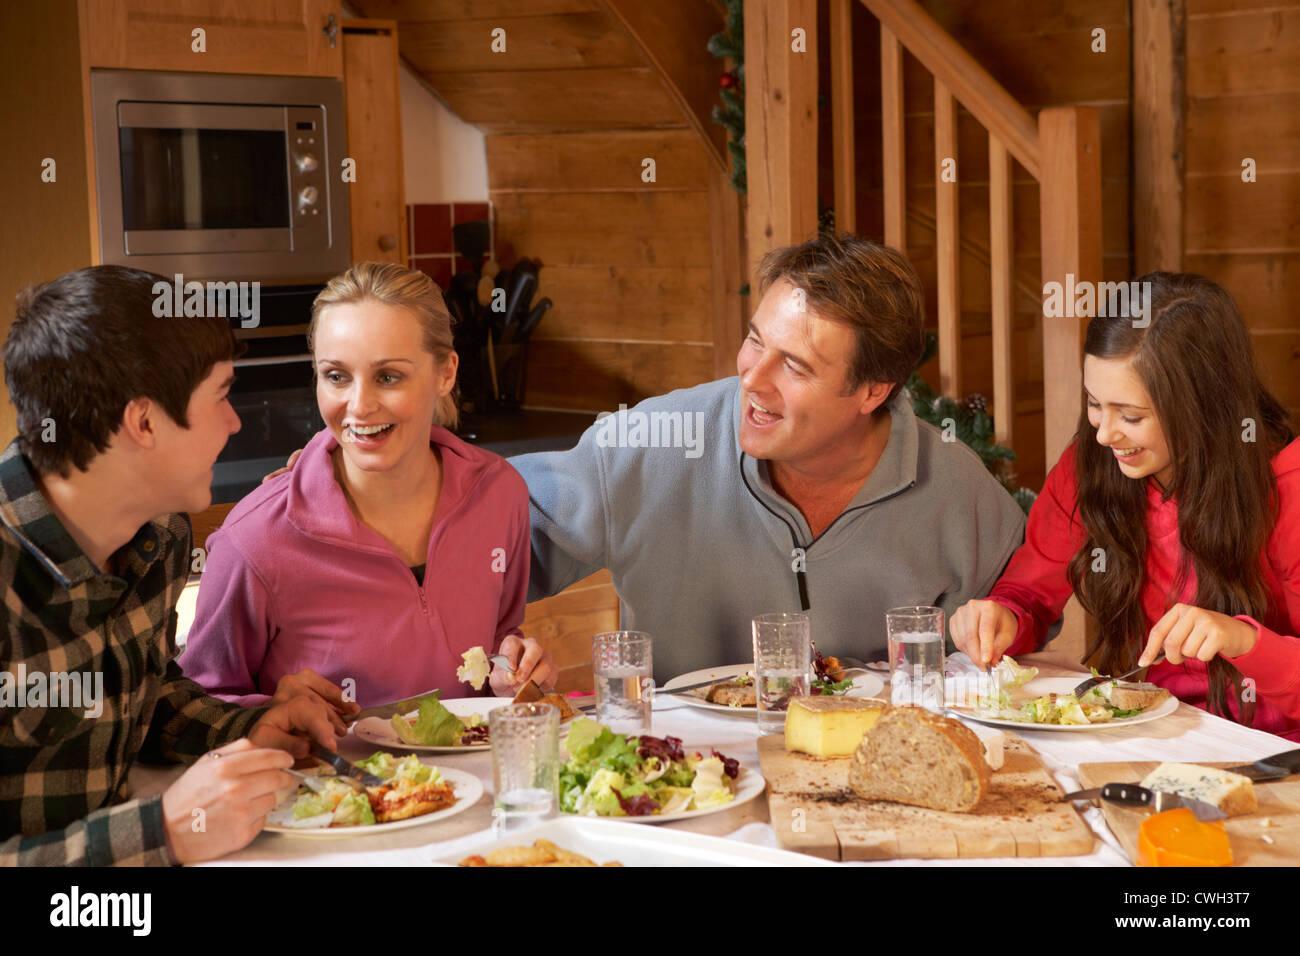 Famiglia di adolescenti godendo di pasto in Chalet Alpina insieme Immagini Stock